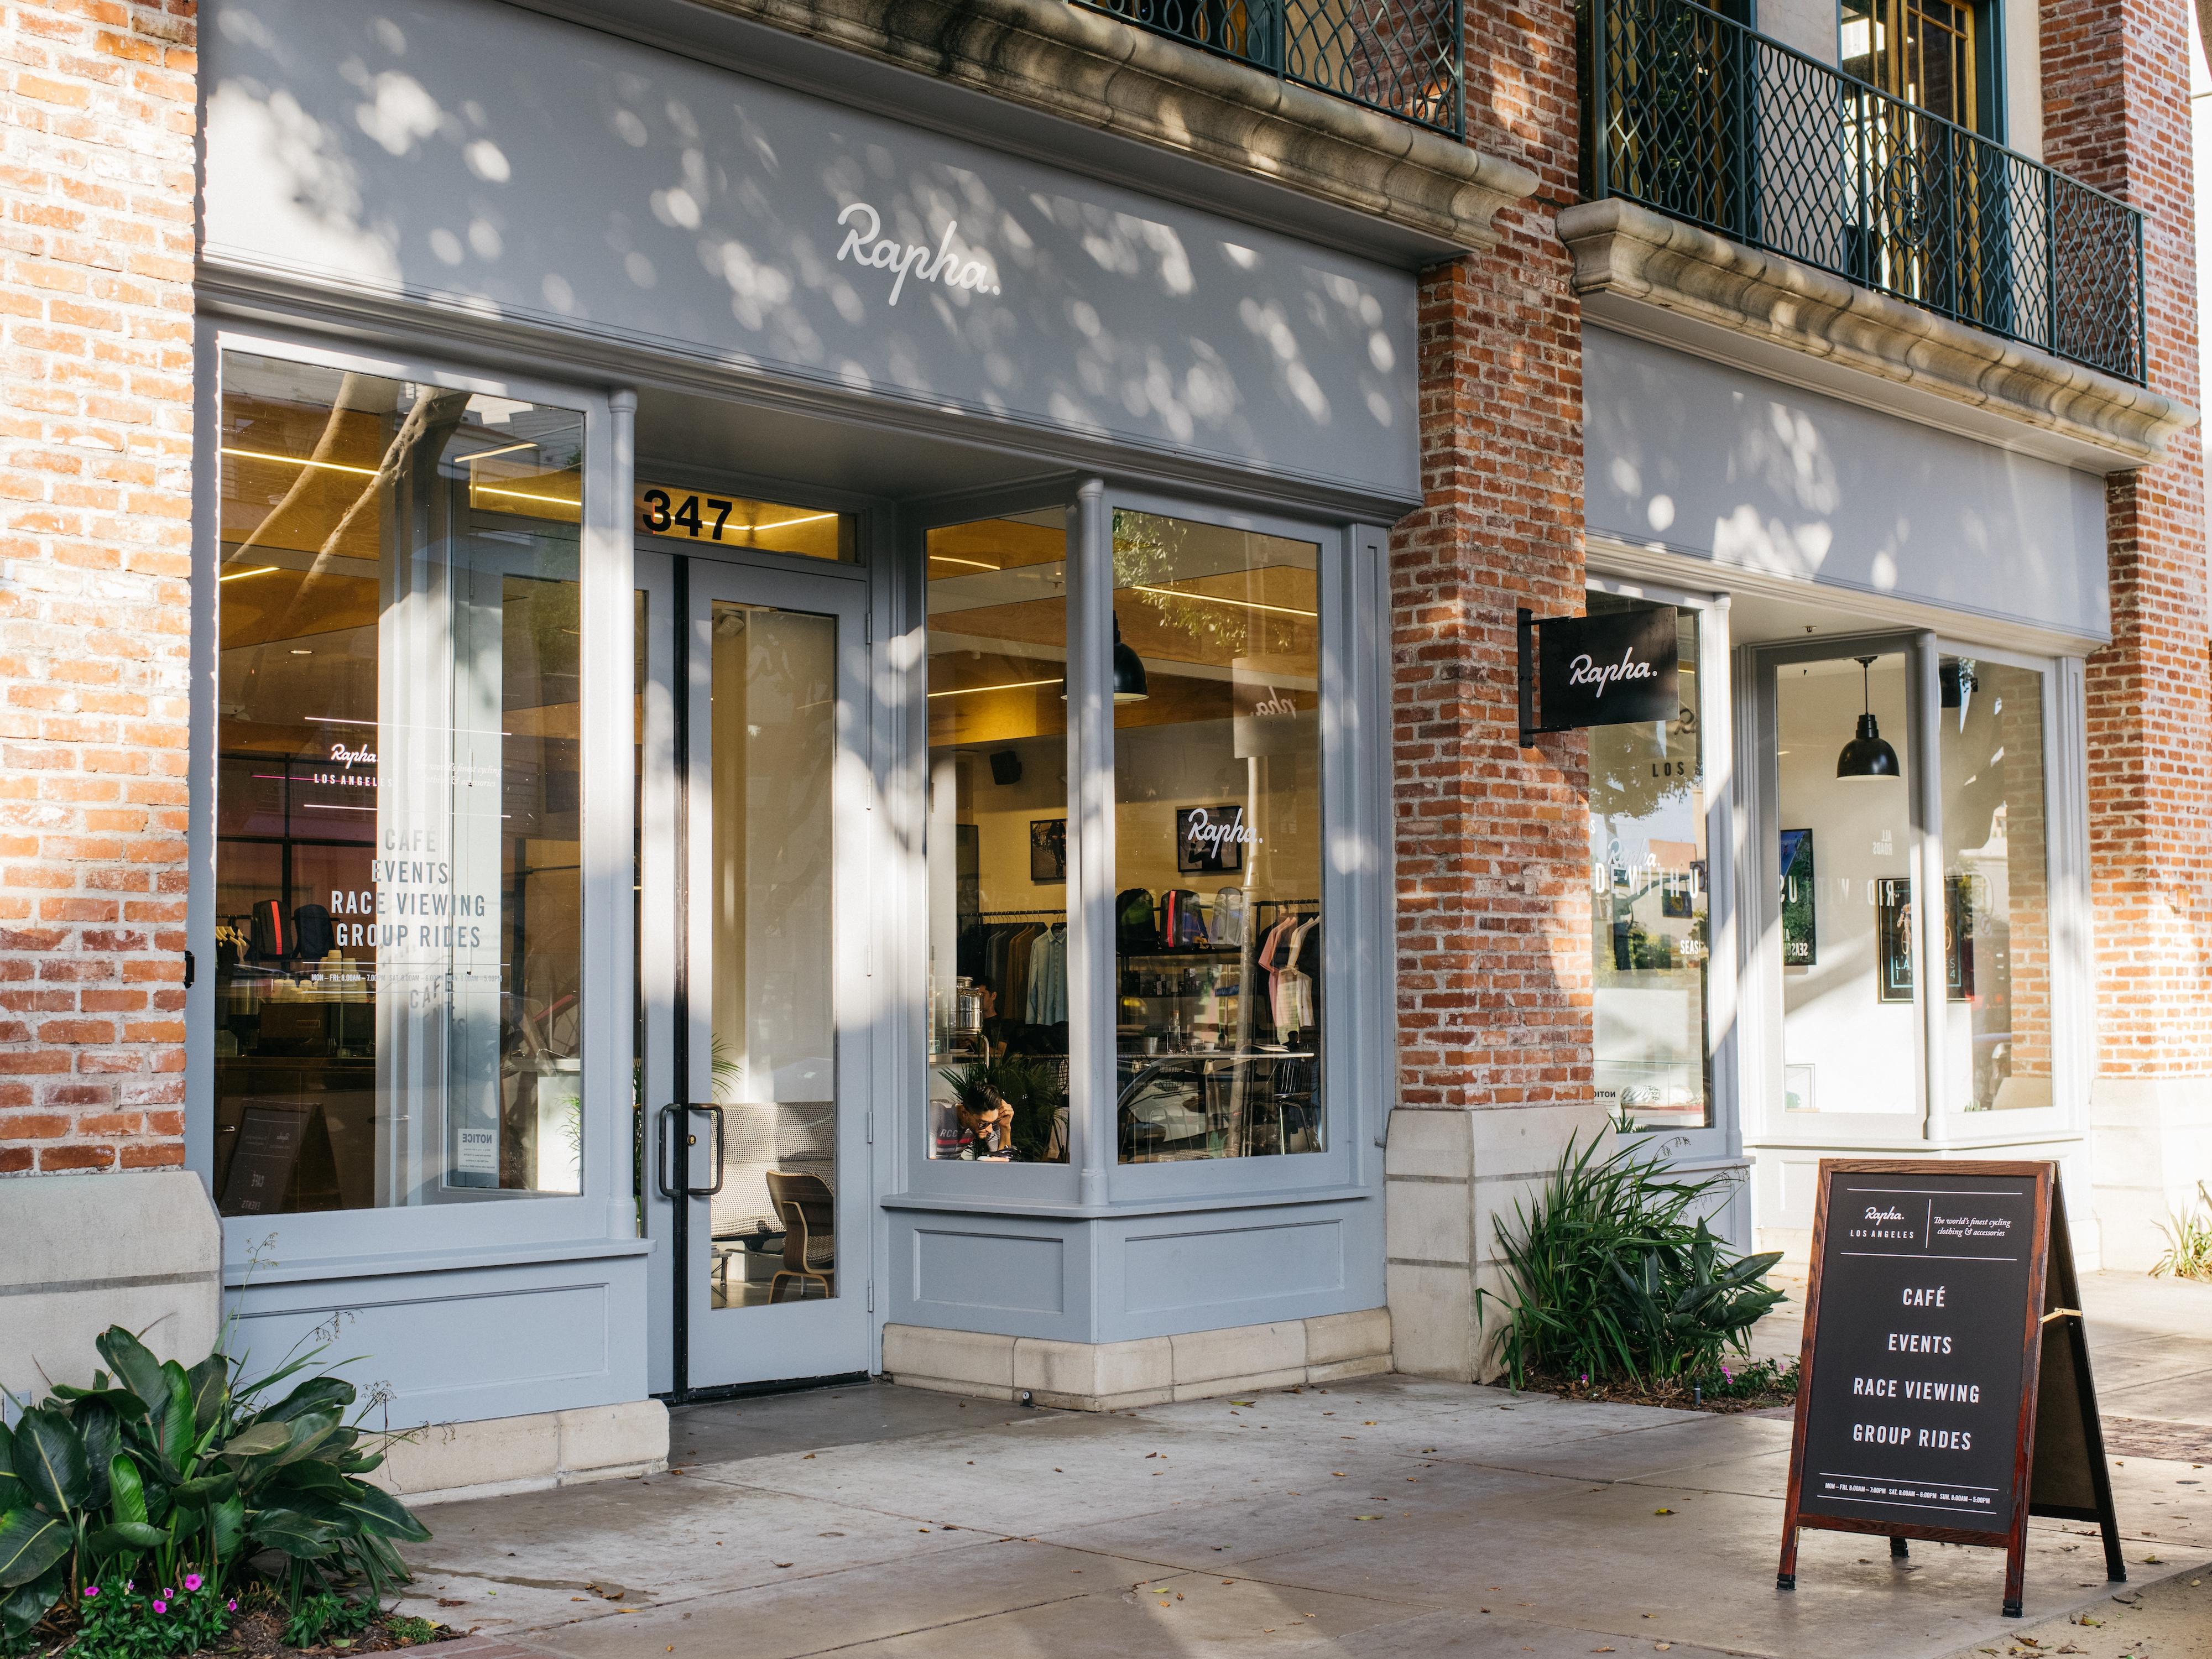 Rapha-Los-Angeles-Storefront.jpg?mtime=20200304134835#asset:4469